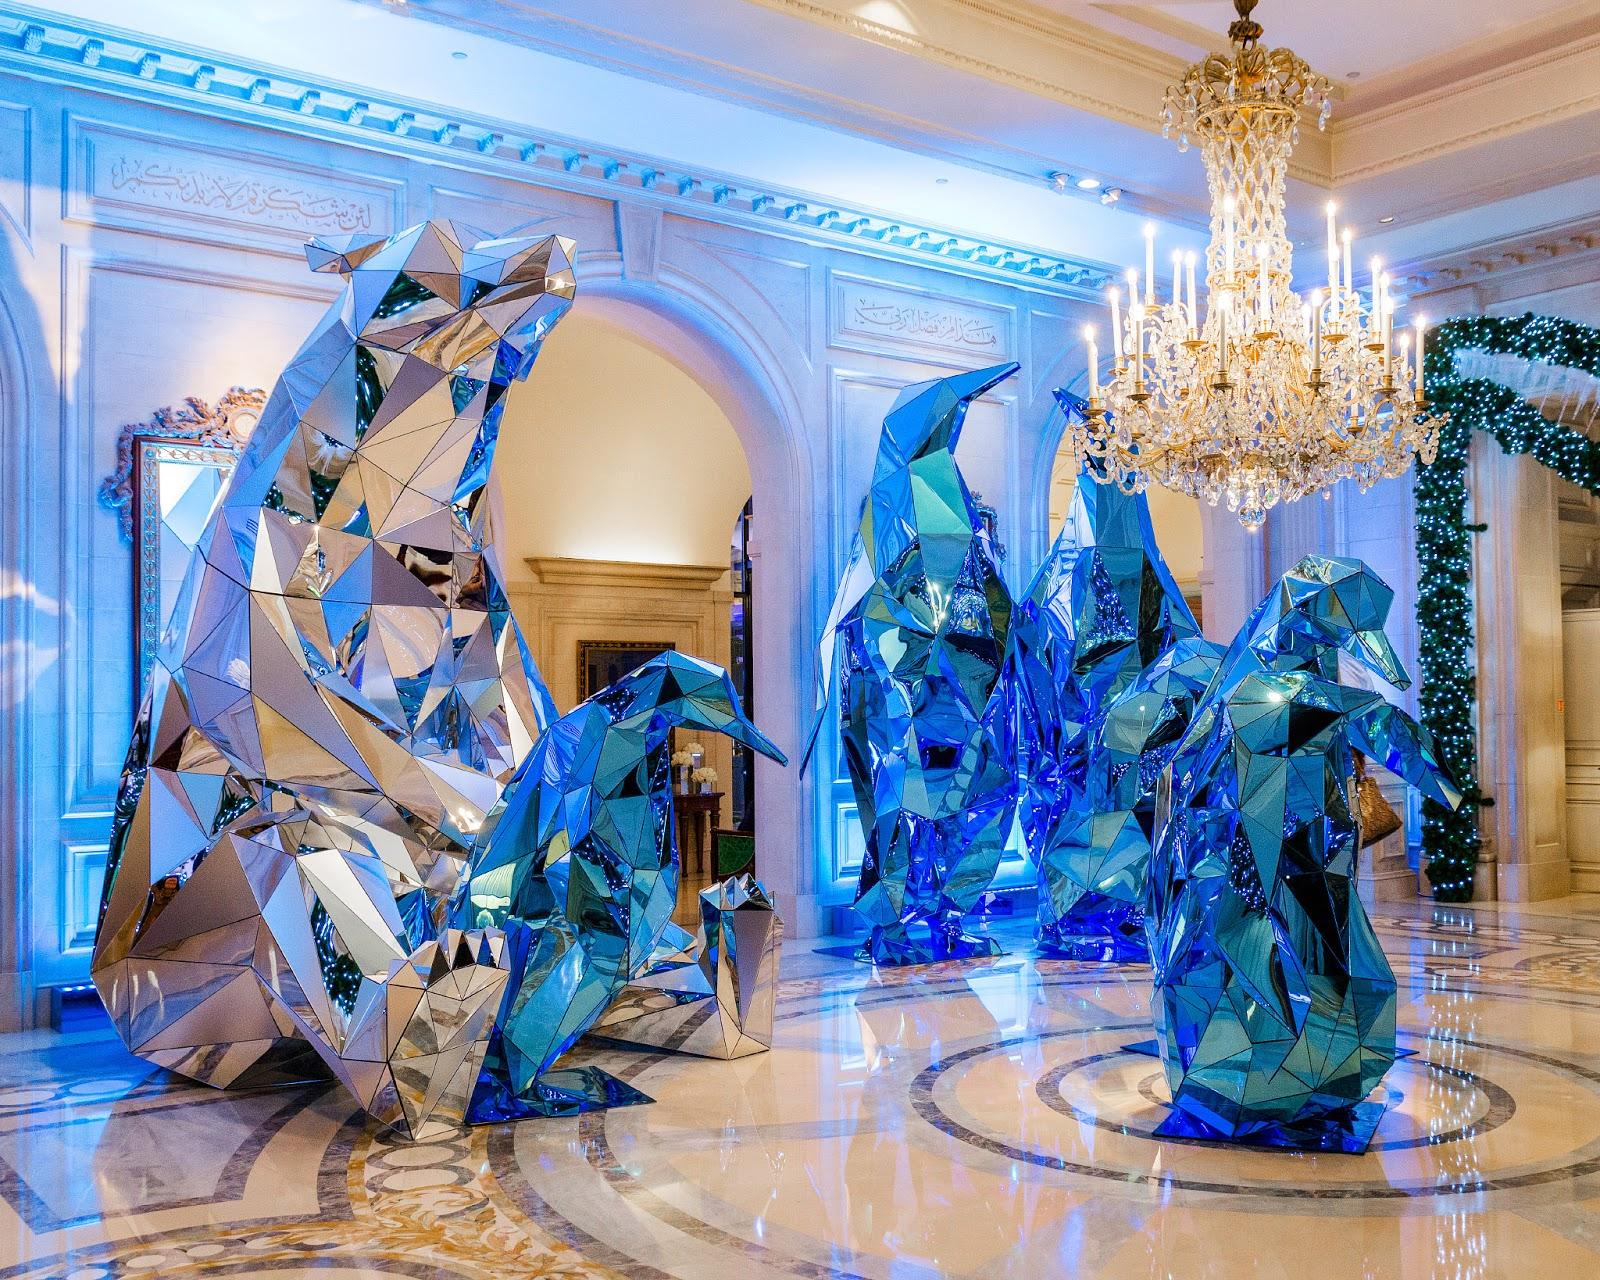 La g orgienne christmas decoration in paris for 4 season decoration